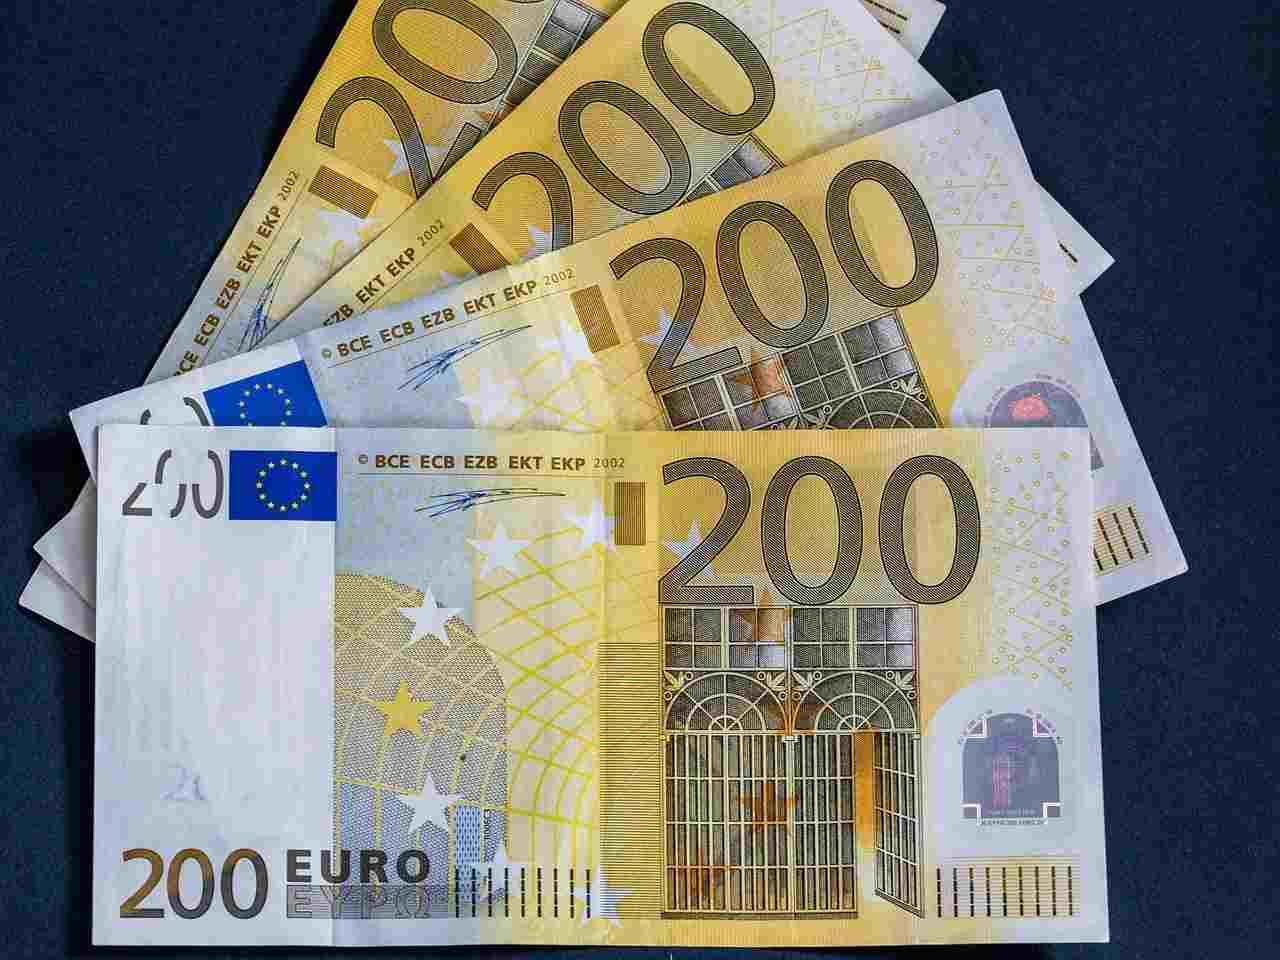 Indennità Iscro da 800 euro: cos'è e come si ottiene